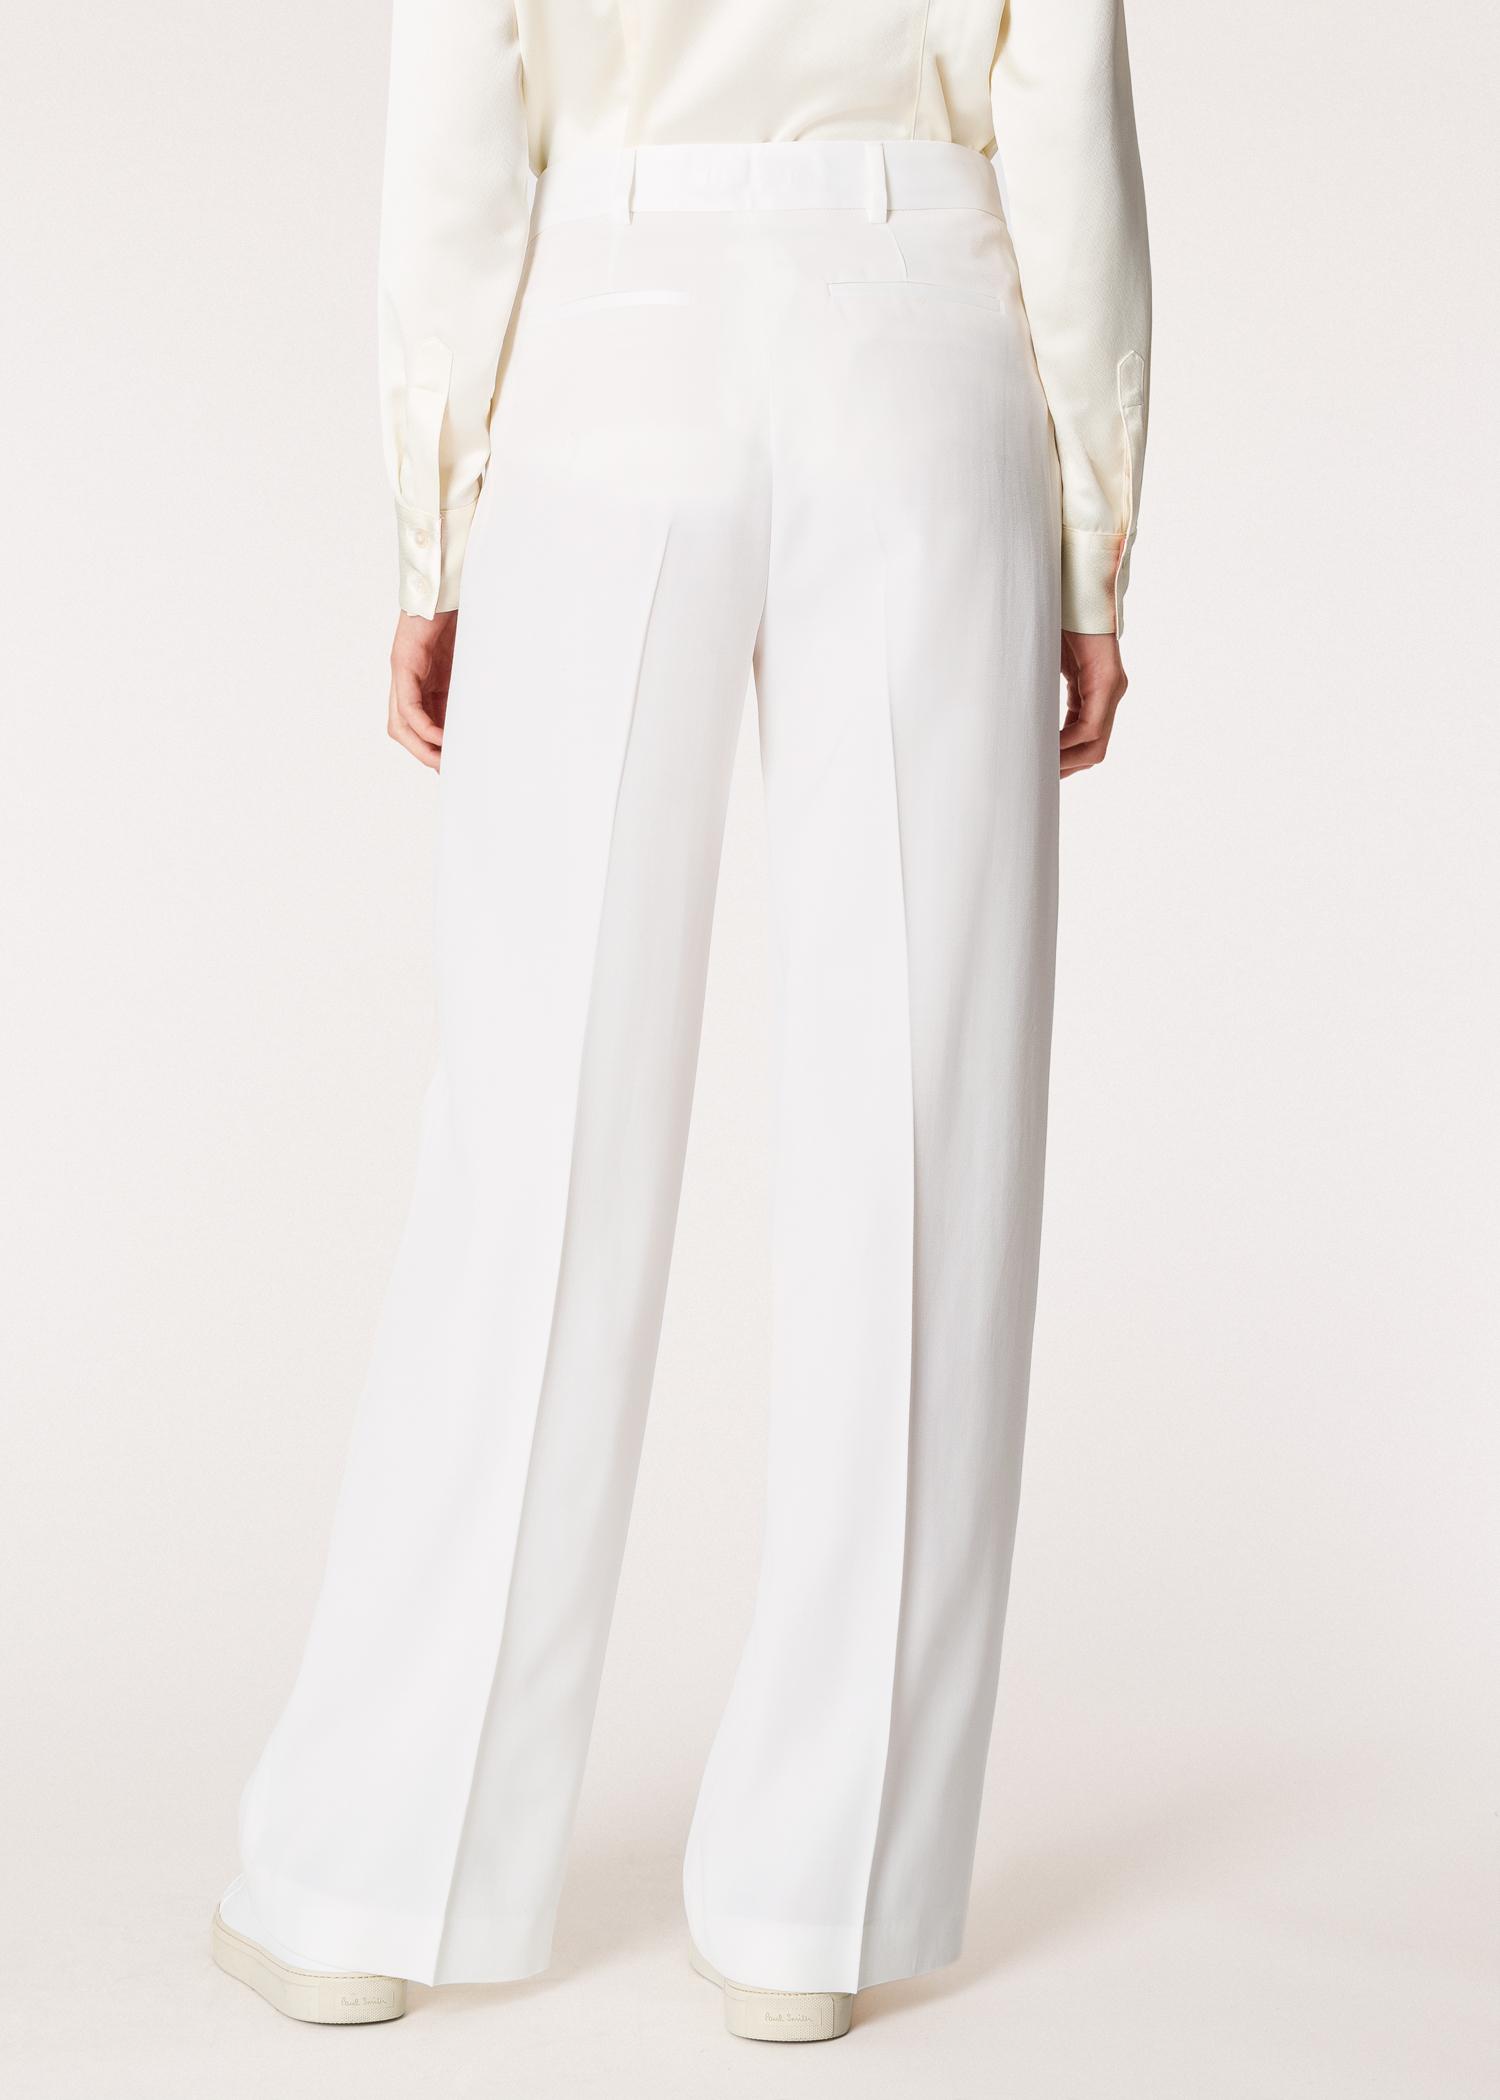 4e82fc1930b Vue mannequin dos zoom - Pantalon De Smoking Femme Ivoire Jambes Larges En  Laine Avec Détails